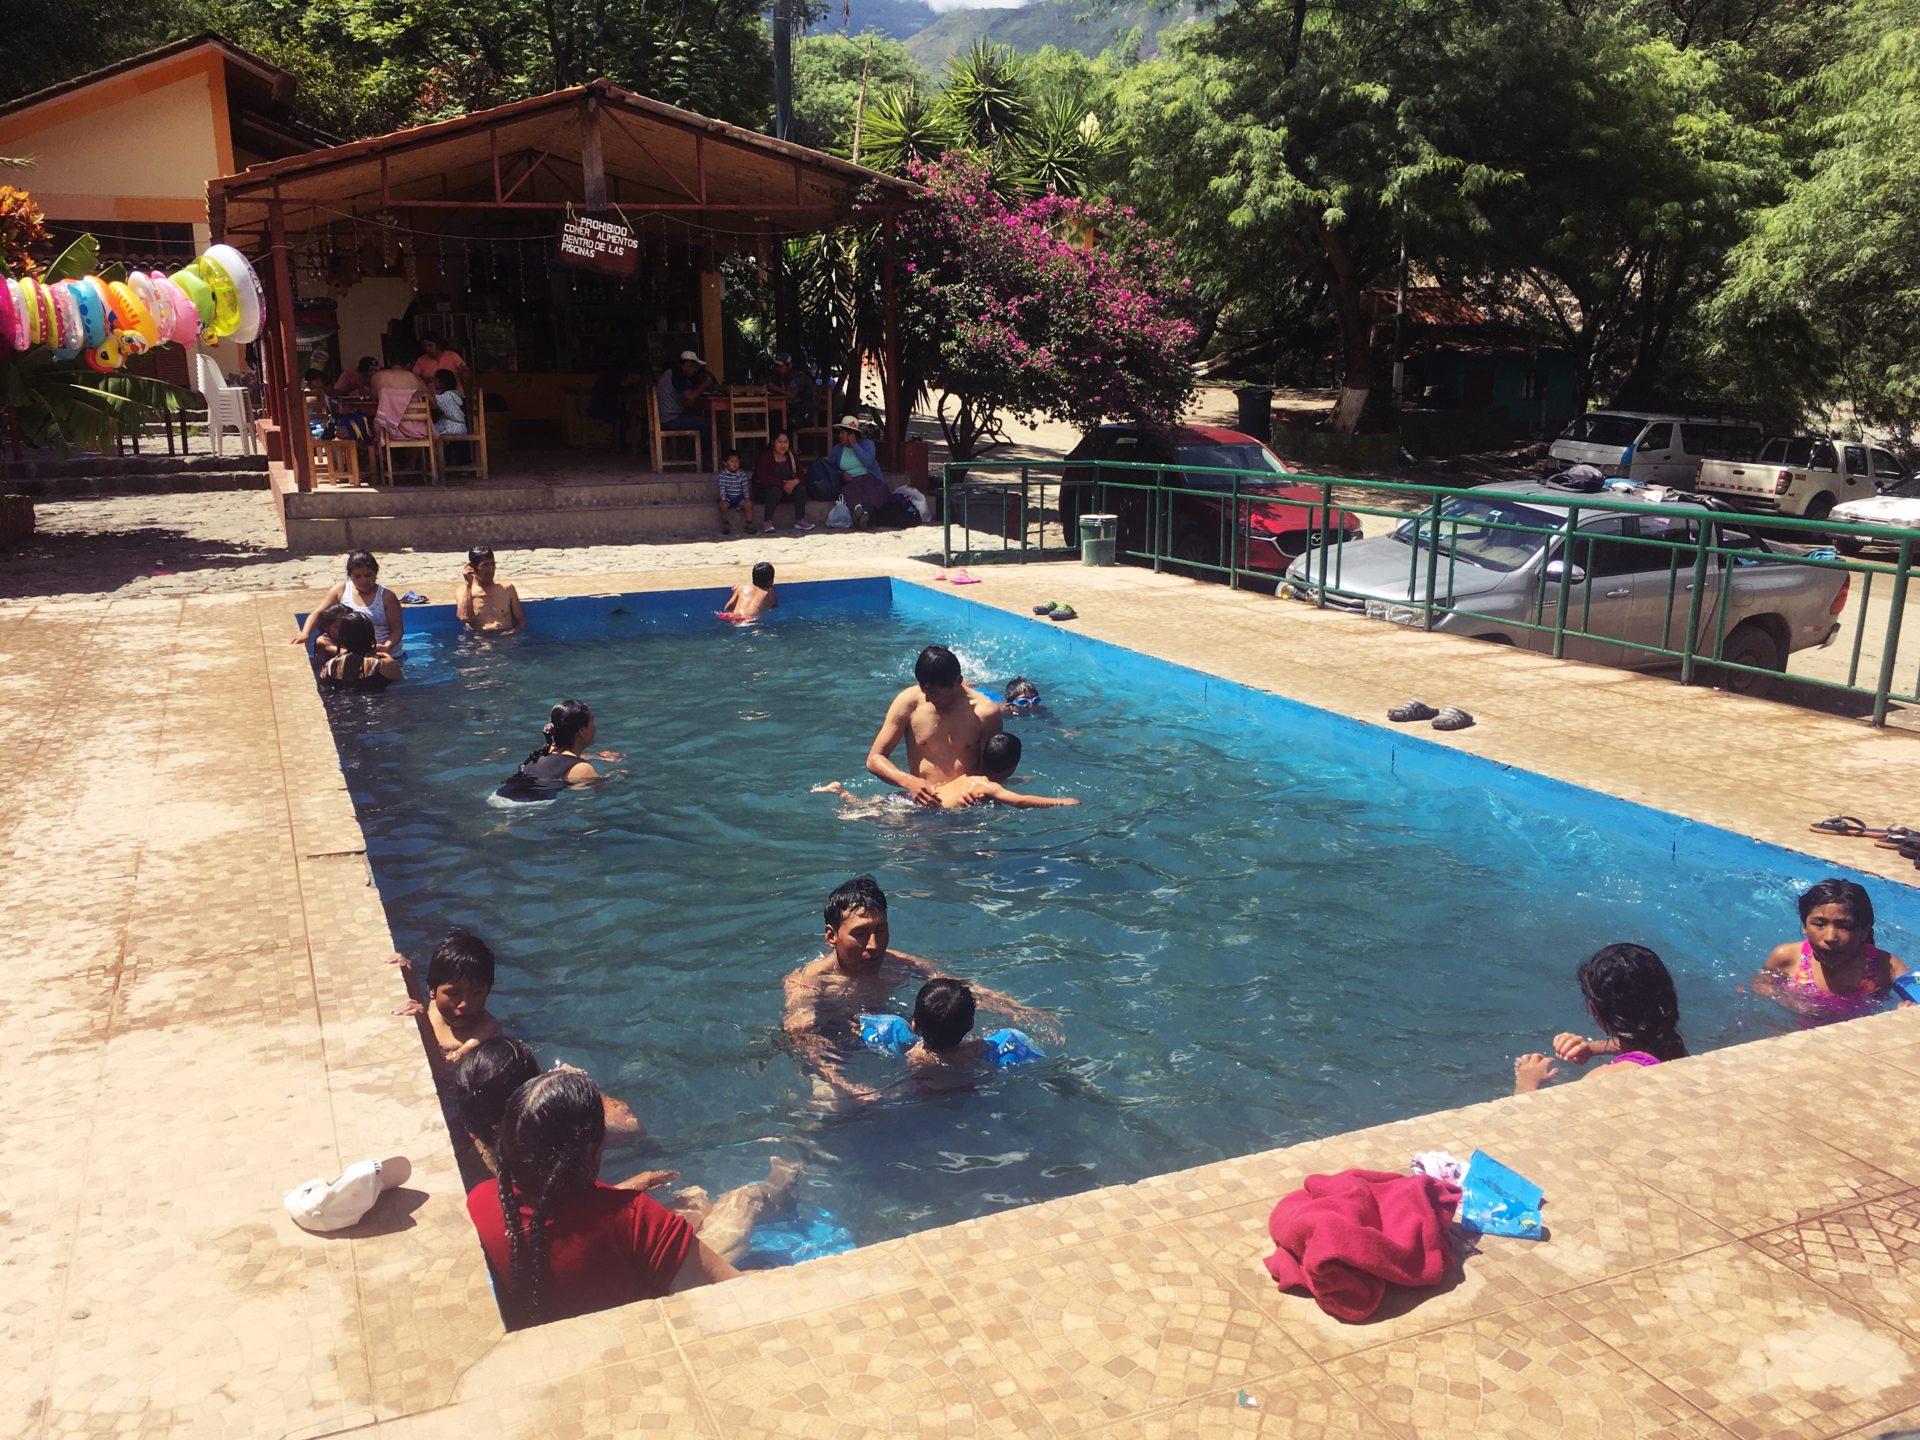 ペルー, クスコ, Cusco, アプリマック, Aprimac, 温泉, コノック, Cconoc